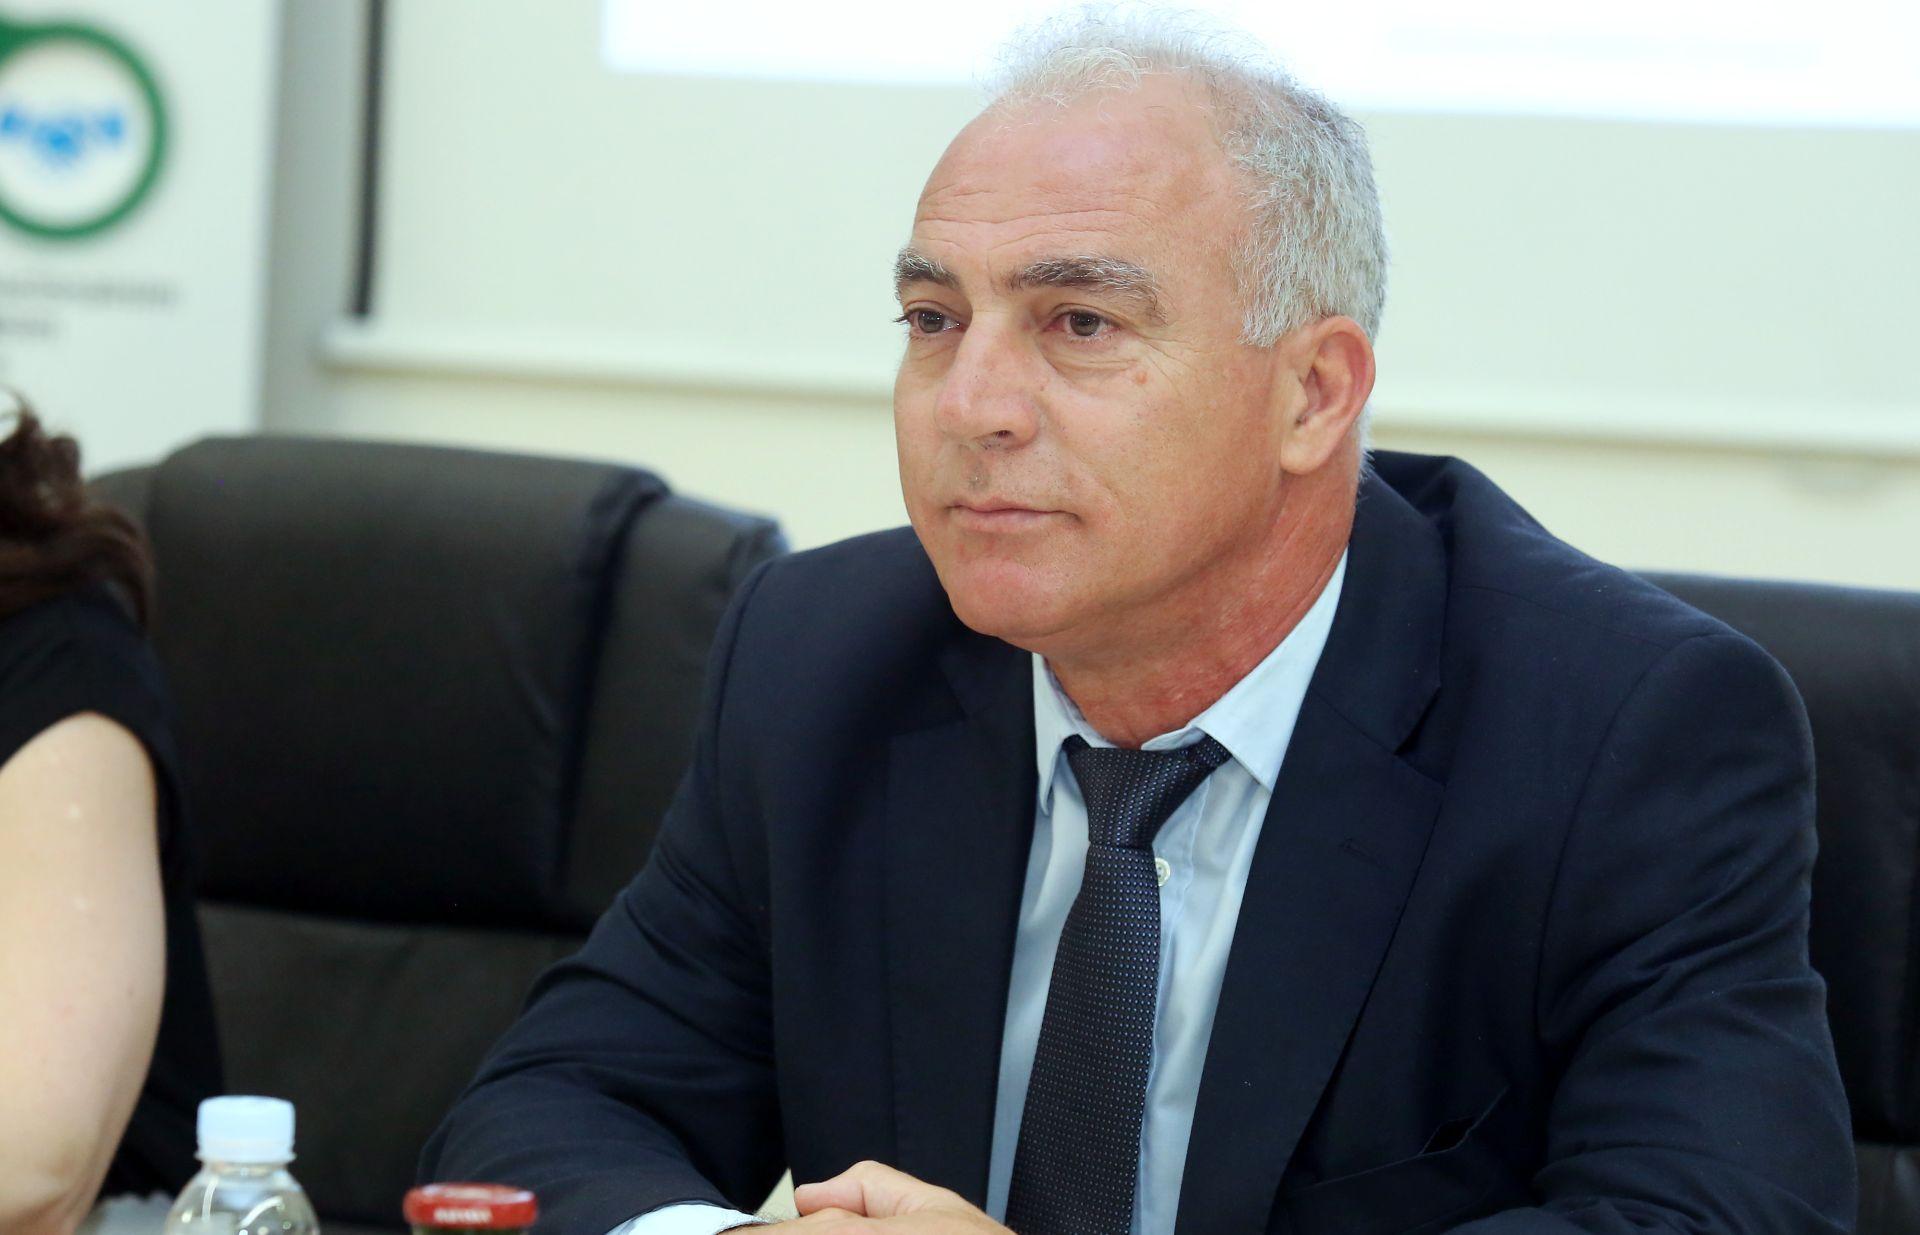 Župan Goran Pauk odustao od kandidature na listi HDZ-a u IX. izbornoj jedinici